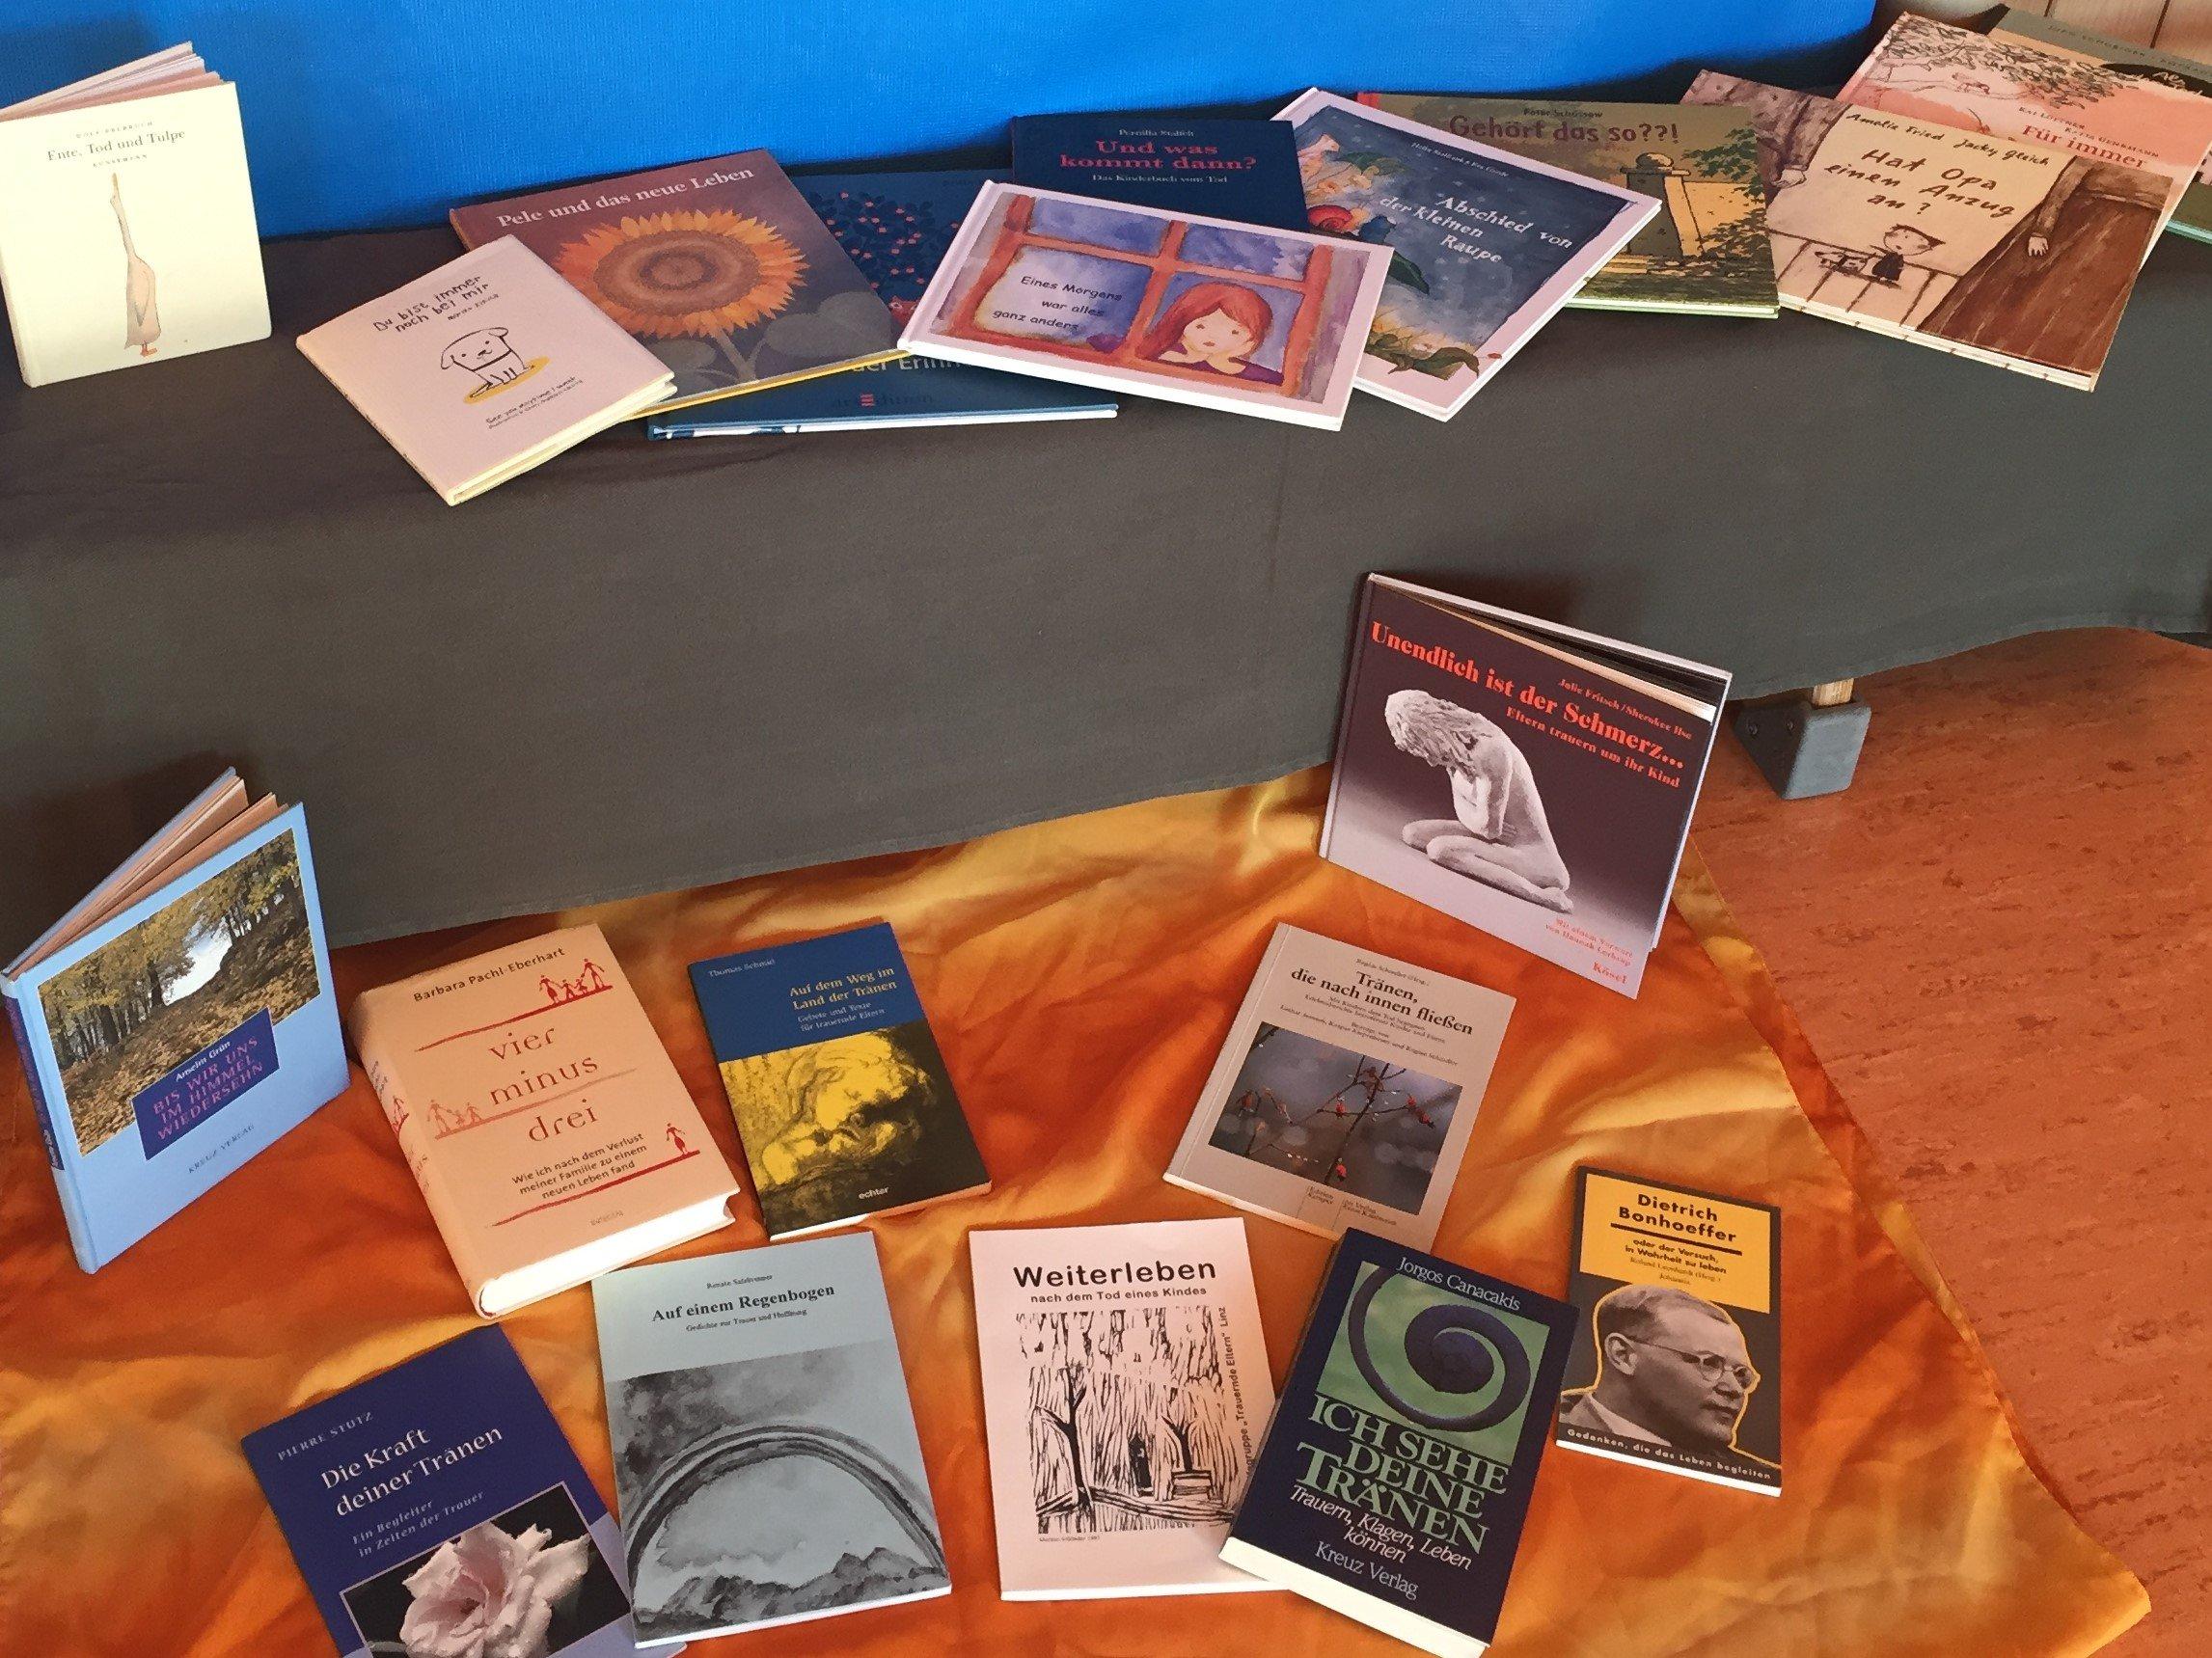 Bücher als Trauerhilfe